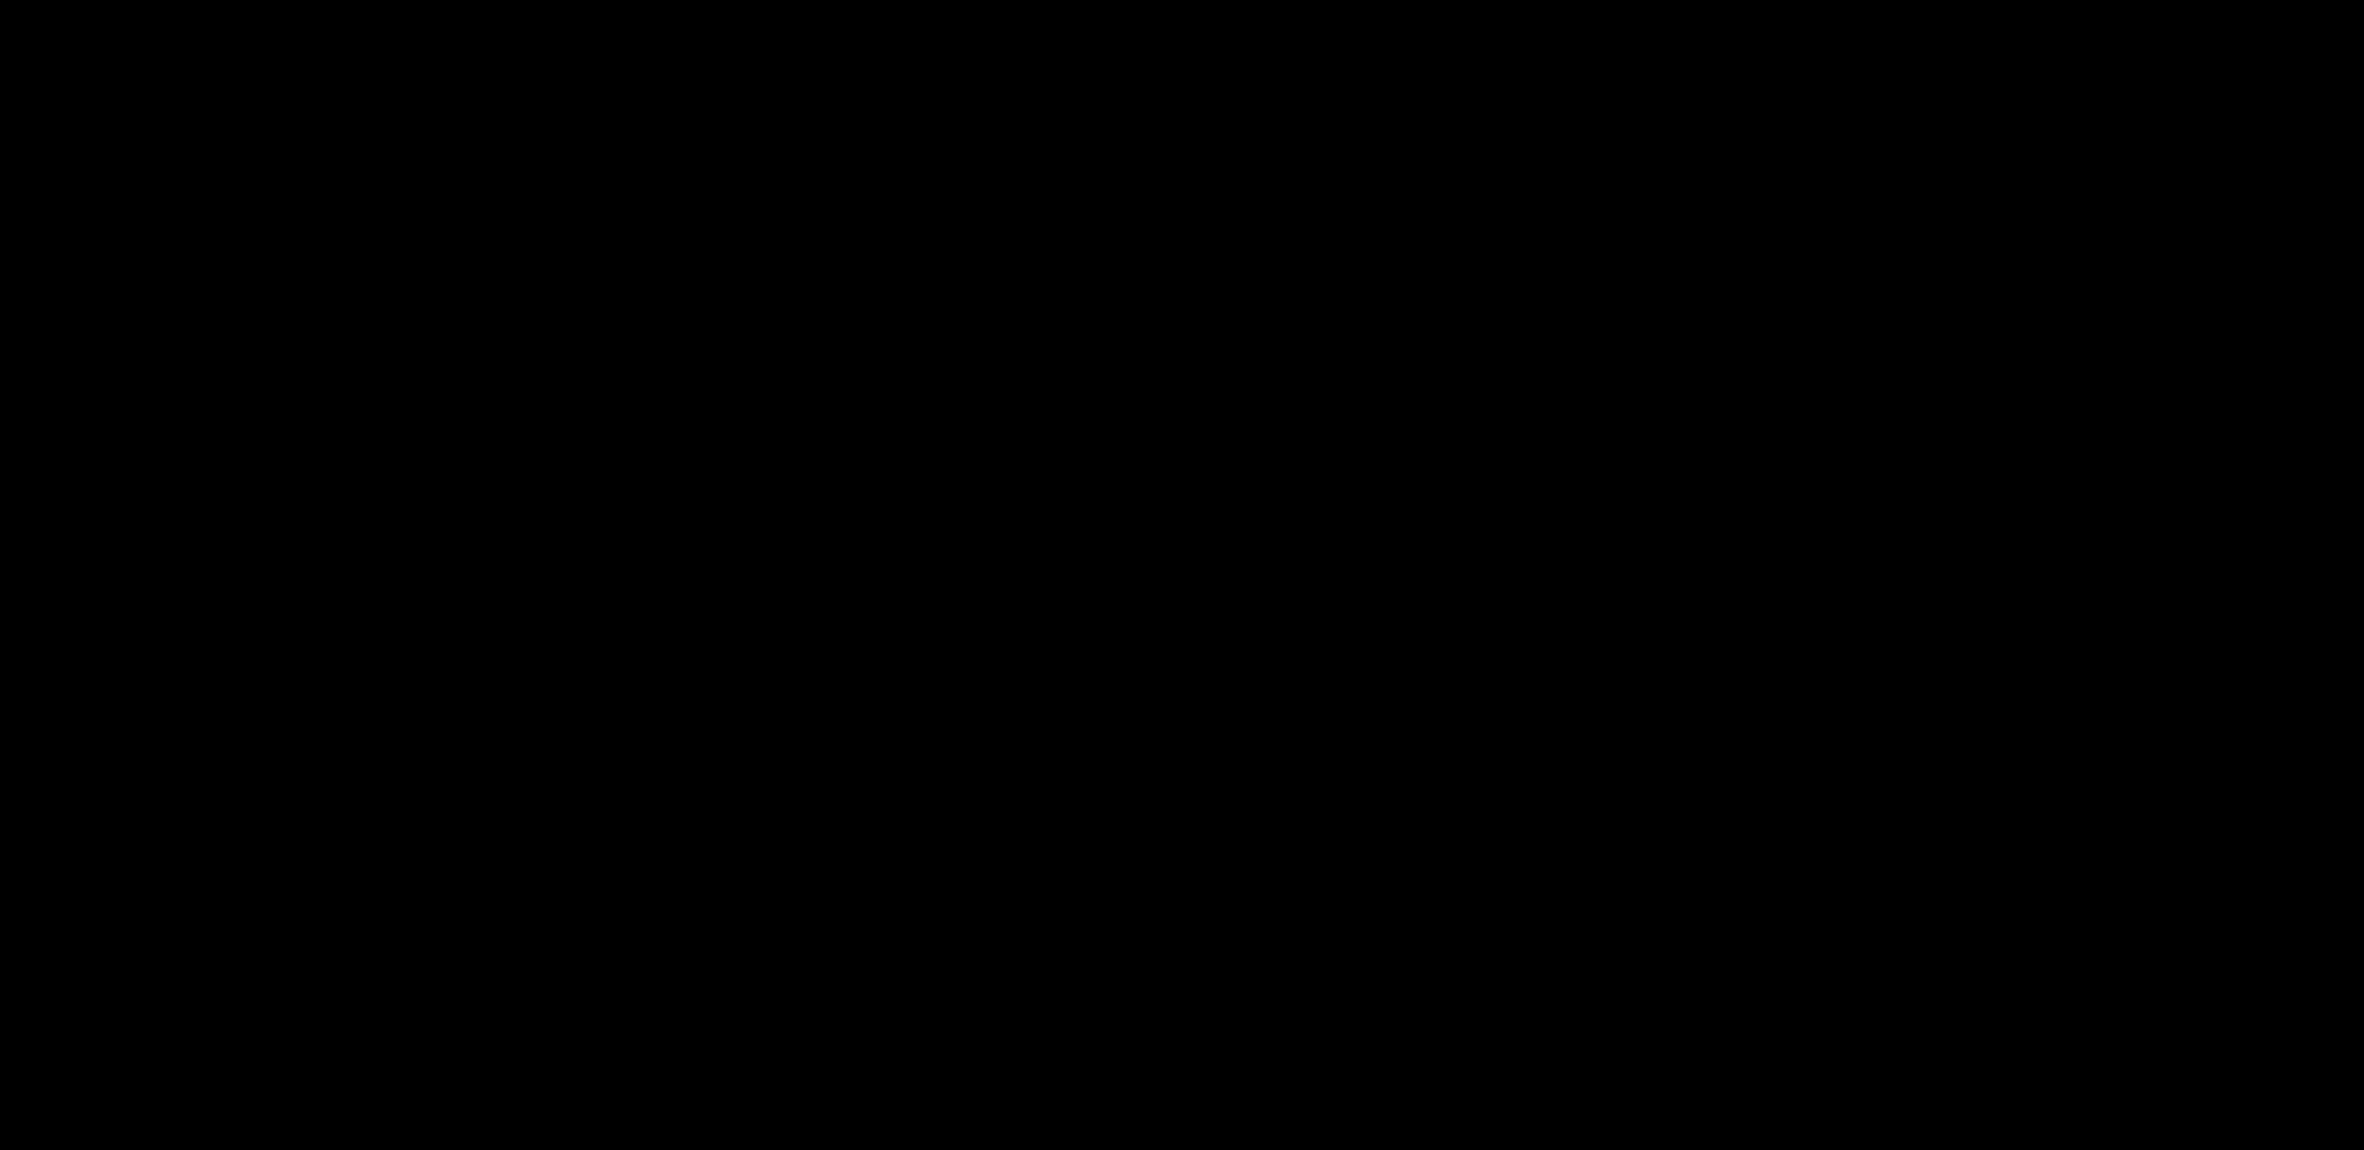 2364x1150 Clipart Bat